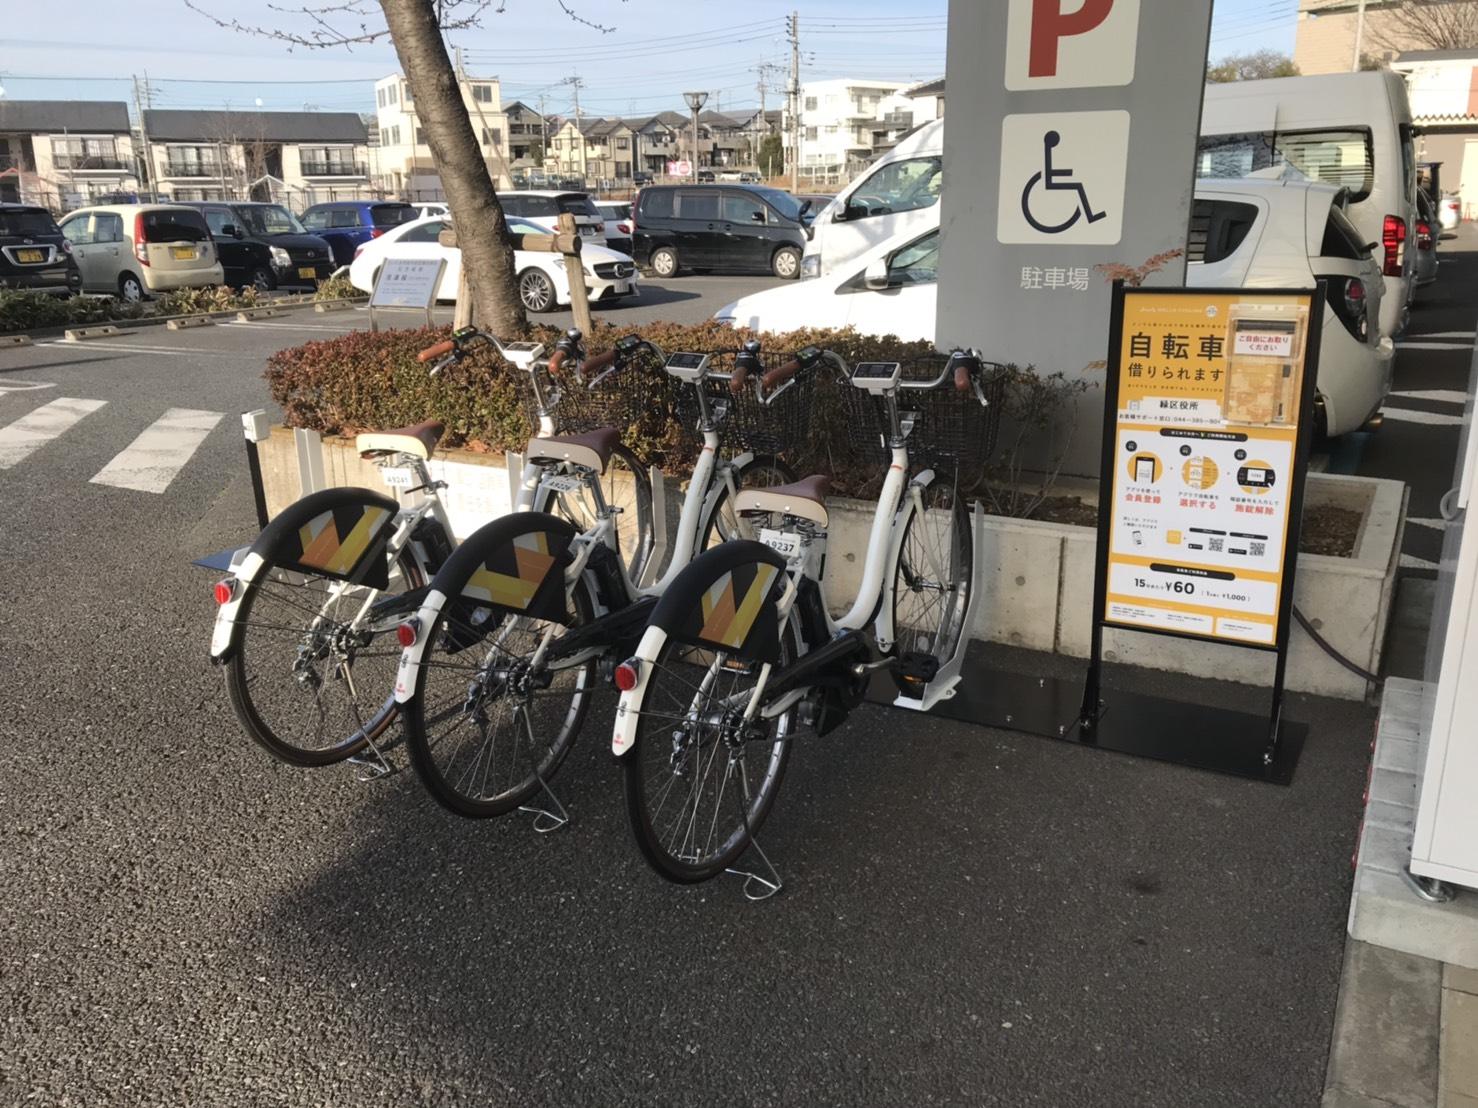 緑区役所 (HELLO CYCLING ポート) image